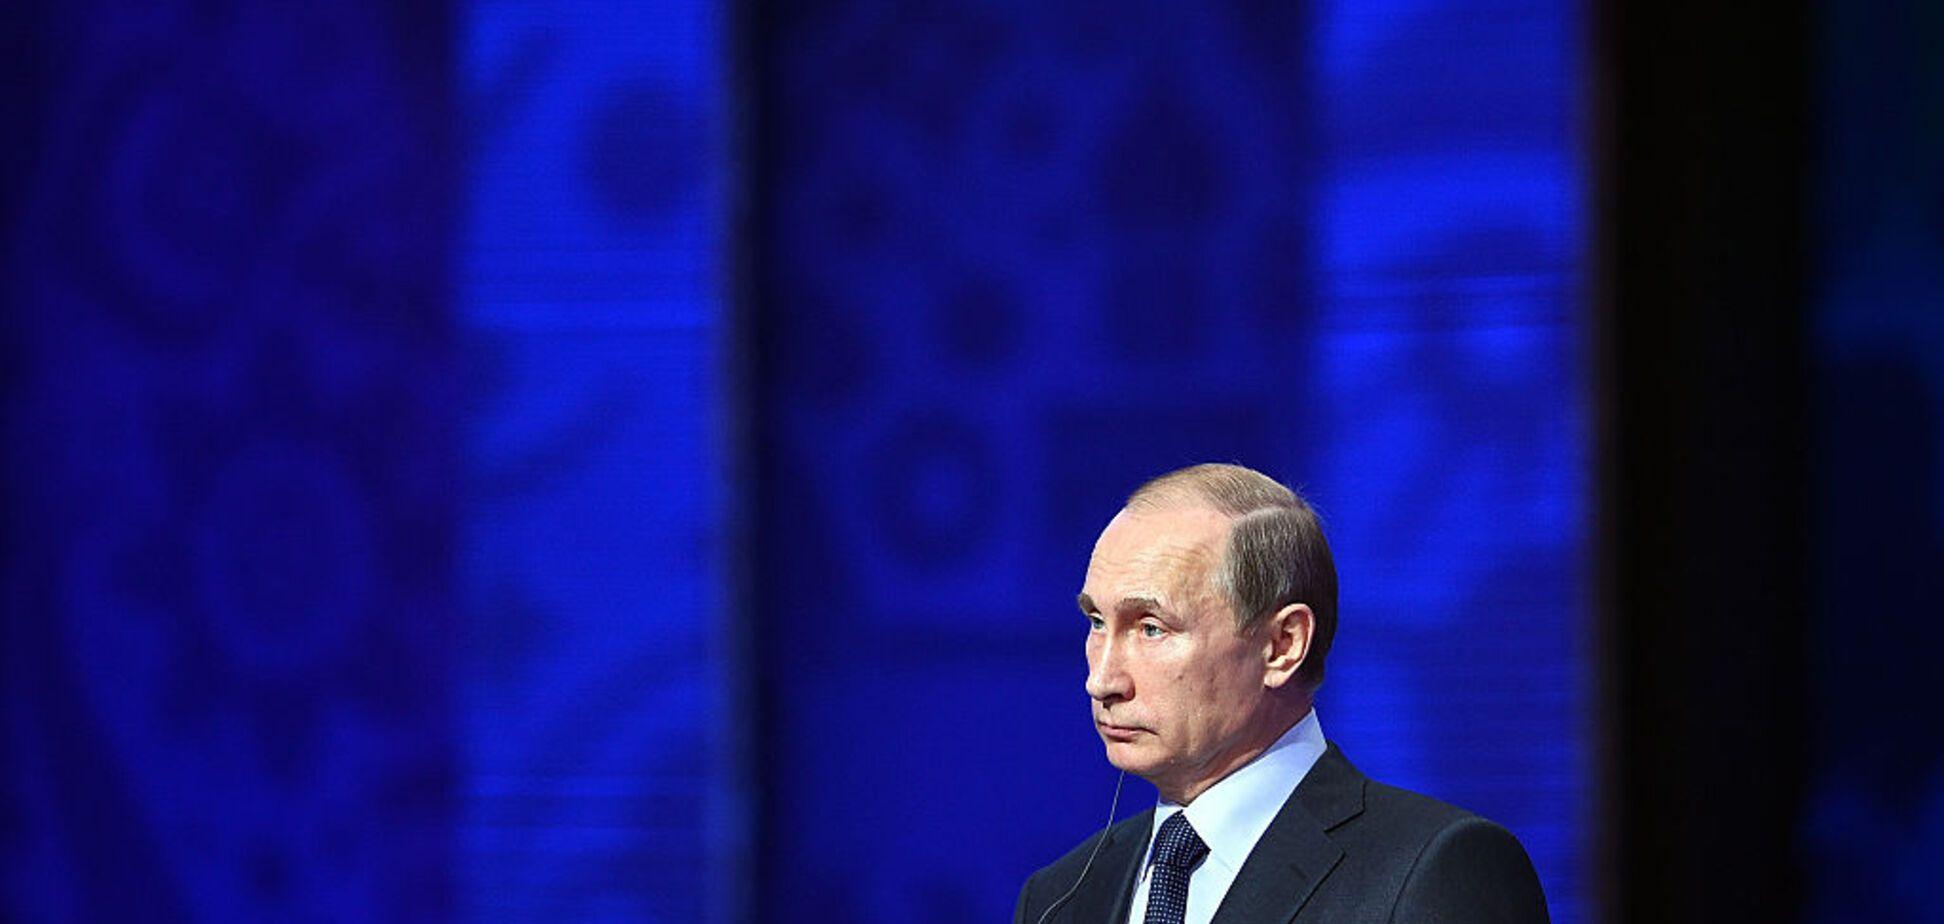 Ближайшие три месяца – самые опасные: эксперт предупредил Украину о планах Путина